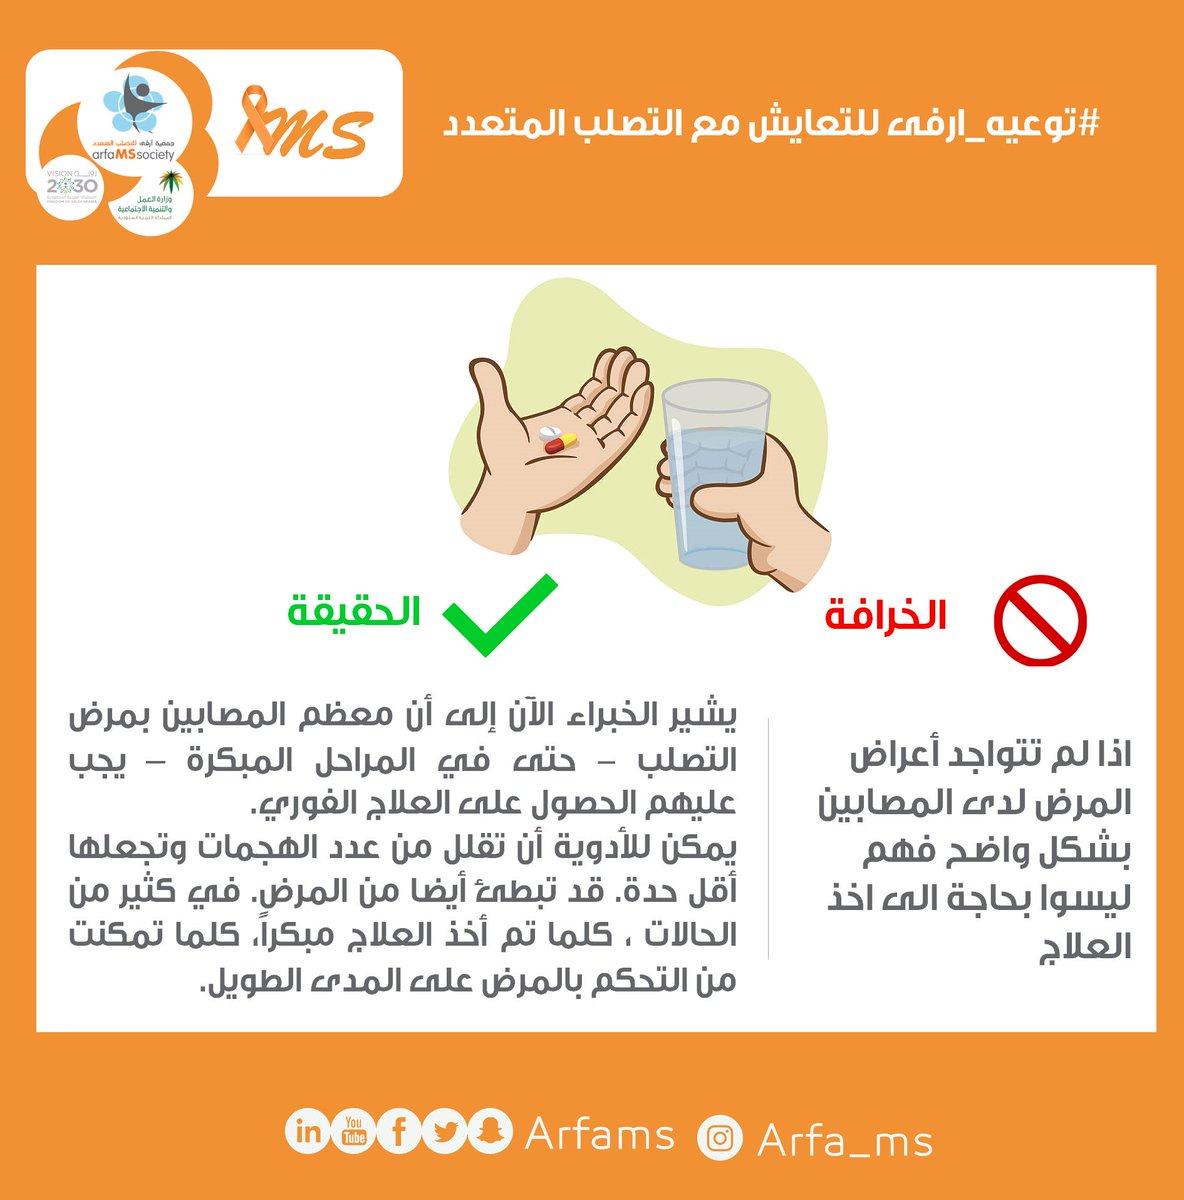 #توعيه_ارفى  تساؤلات ...  هل يستطيع  مريض #التصلب_المتعدد ترك علاجه؟  #الخميس_الونيس #حسنتي__راحتي #عرعر_الآن  #معرض_الانمي_السعودي   @WorldMSDay @SaudiMOH @MLSD_SA @MSIntFederation https://t.co/GHot7qdBg0